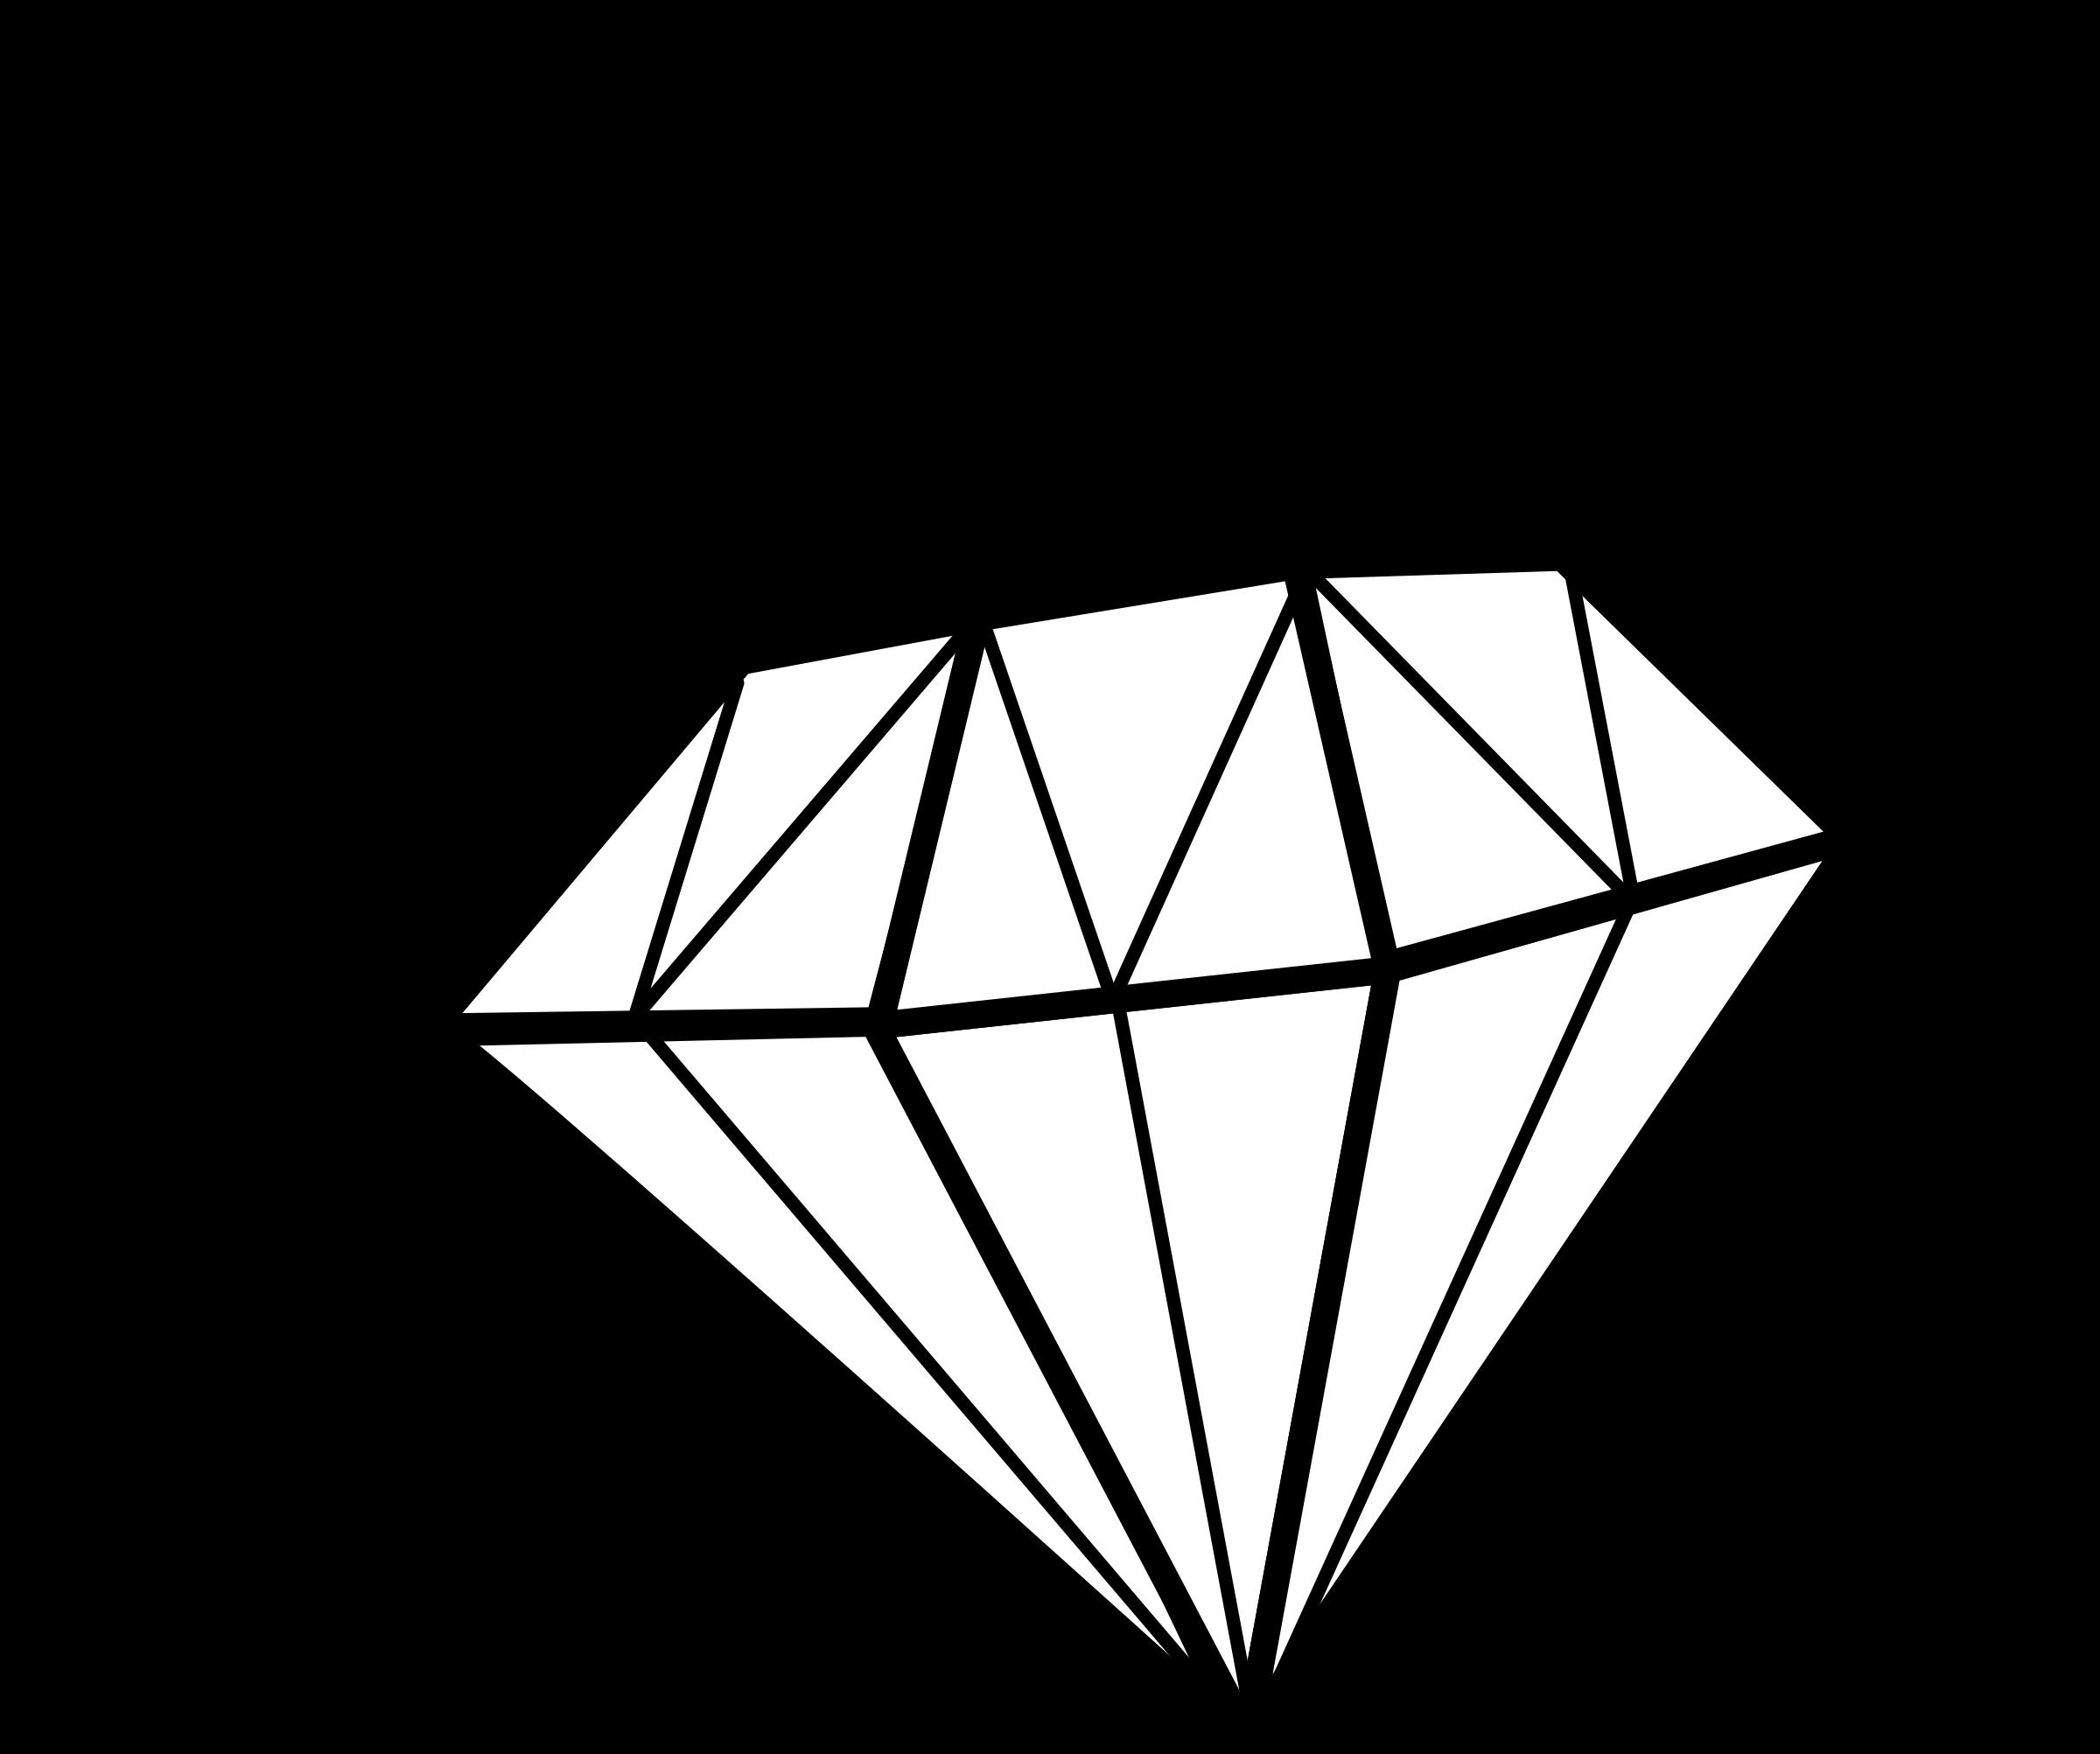 2400x2005 Shiny Diamond Vector Art Image